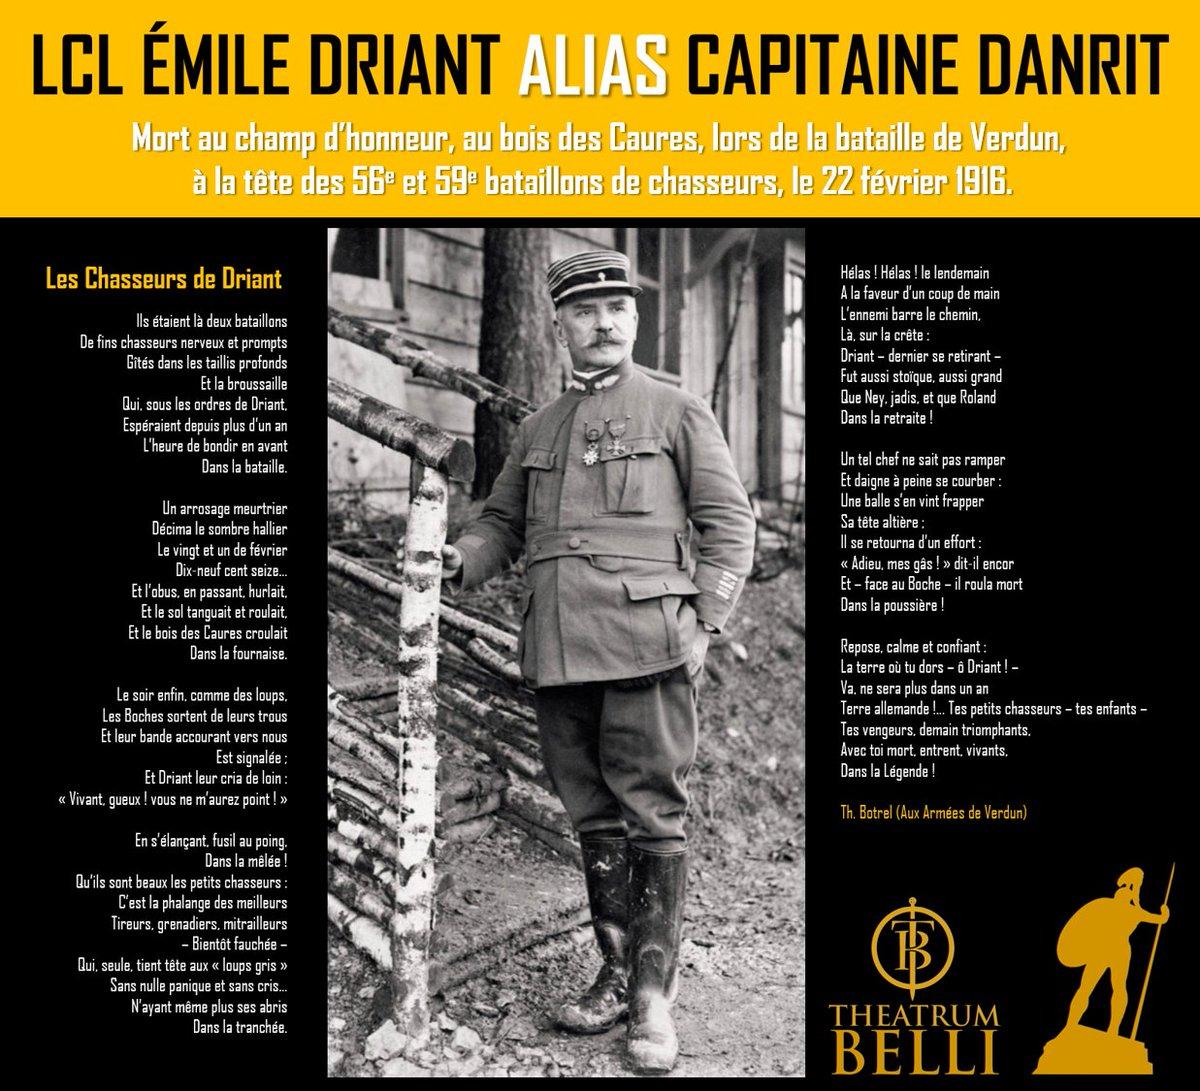 22 fév 1916 : Mort au champ d&#39;honneur du LCL Emile Driant, député de #Nancy (alias Capitaine DANRIT, nom d&#39;écrivain) #Verdun #Guerre #WW1 <br>http://pic.twitter.com/aCEIGKRgbl